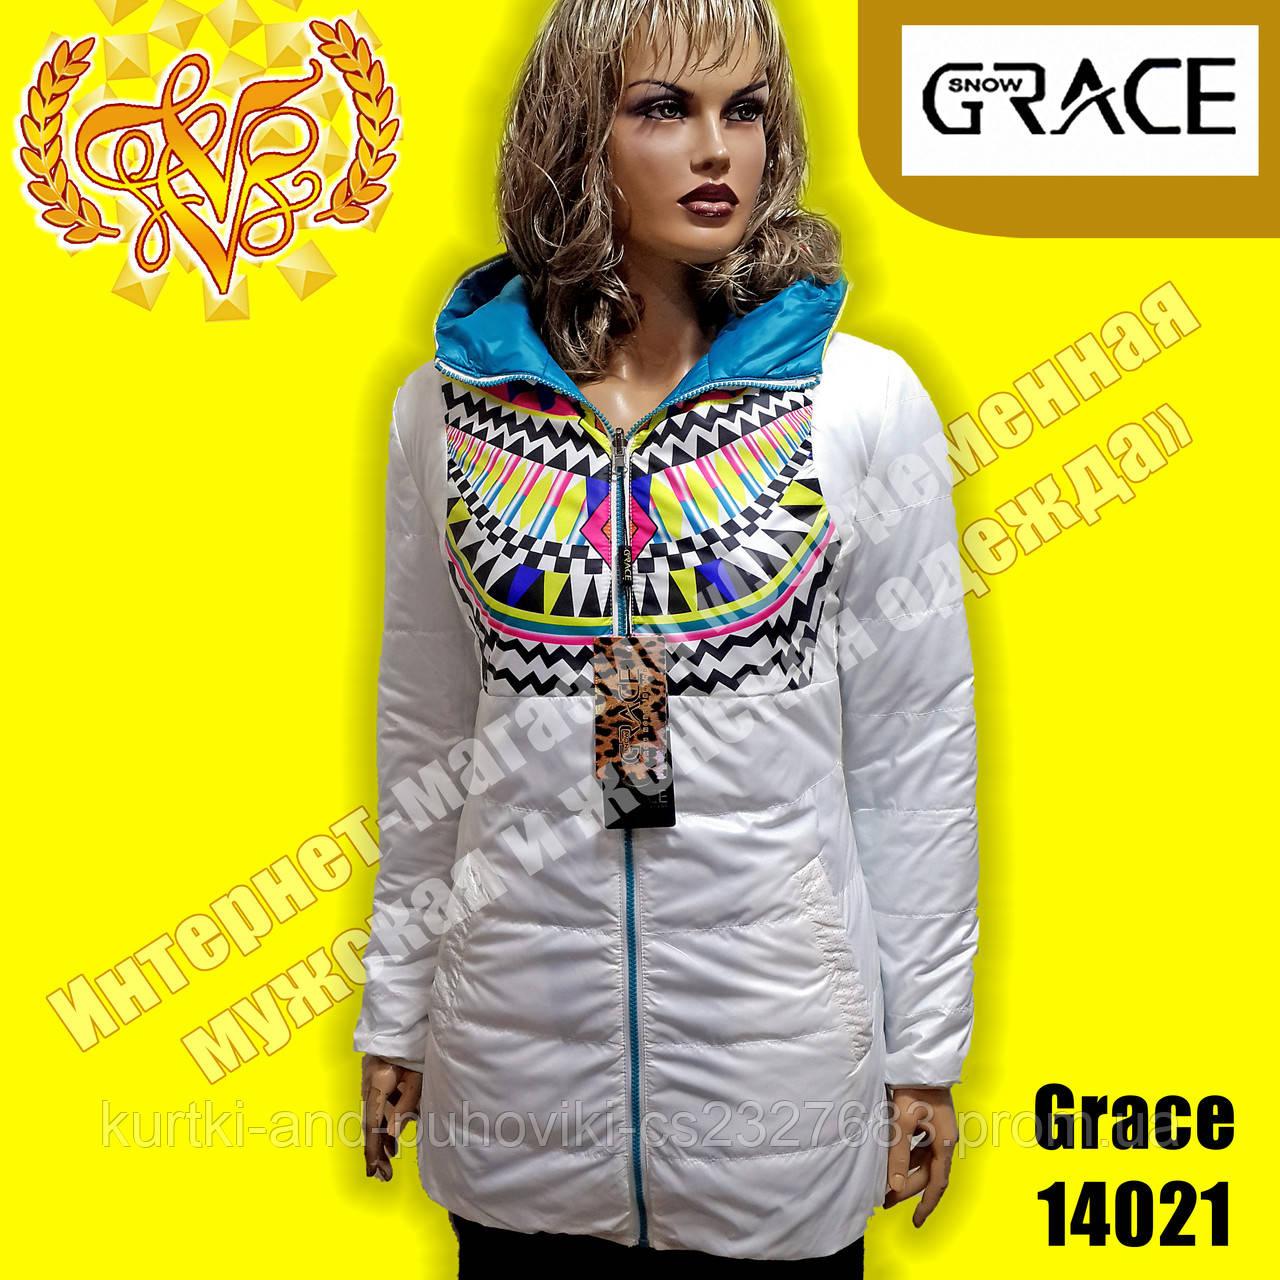 edfe9e822c7 Двусторонние женские куртки - Интернет-магазин «Современная мужская и  женская одежда» в Черновцах